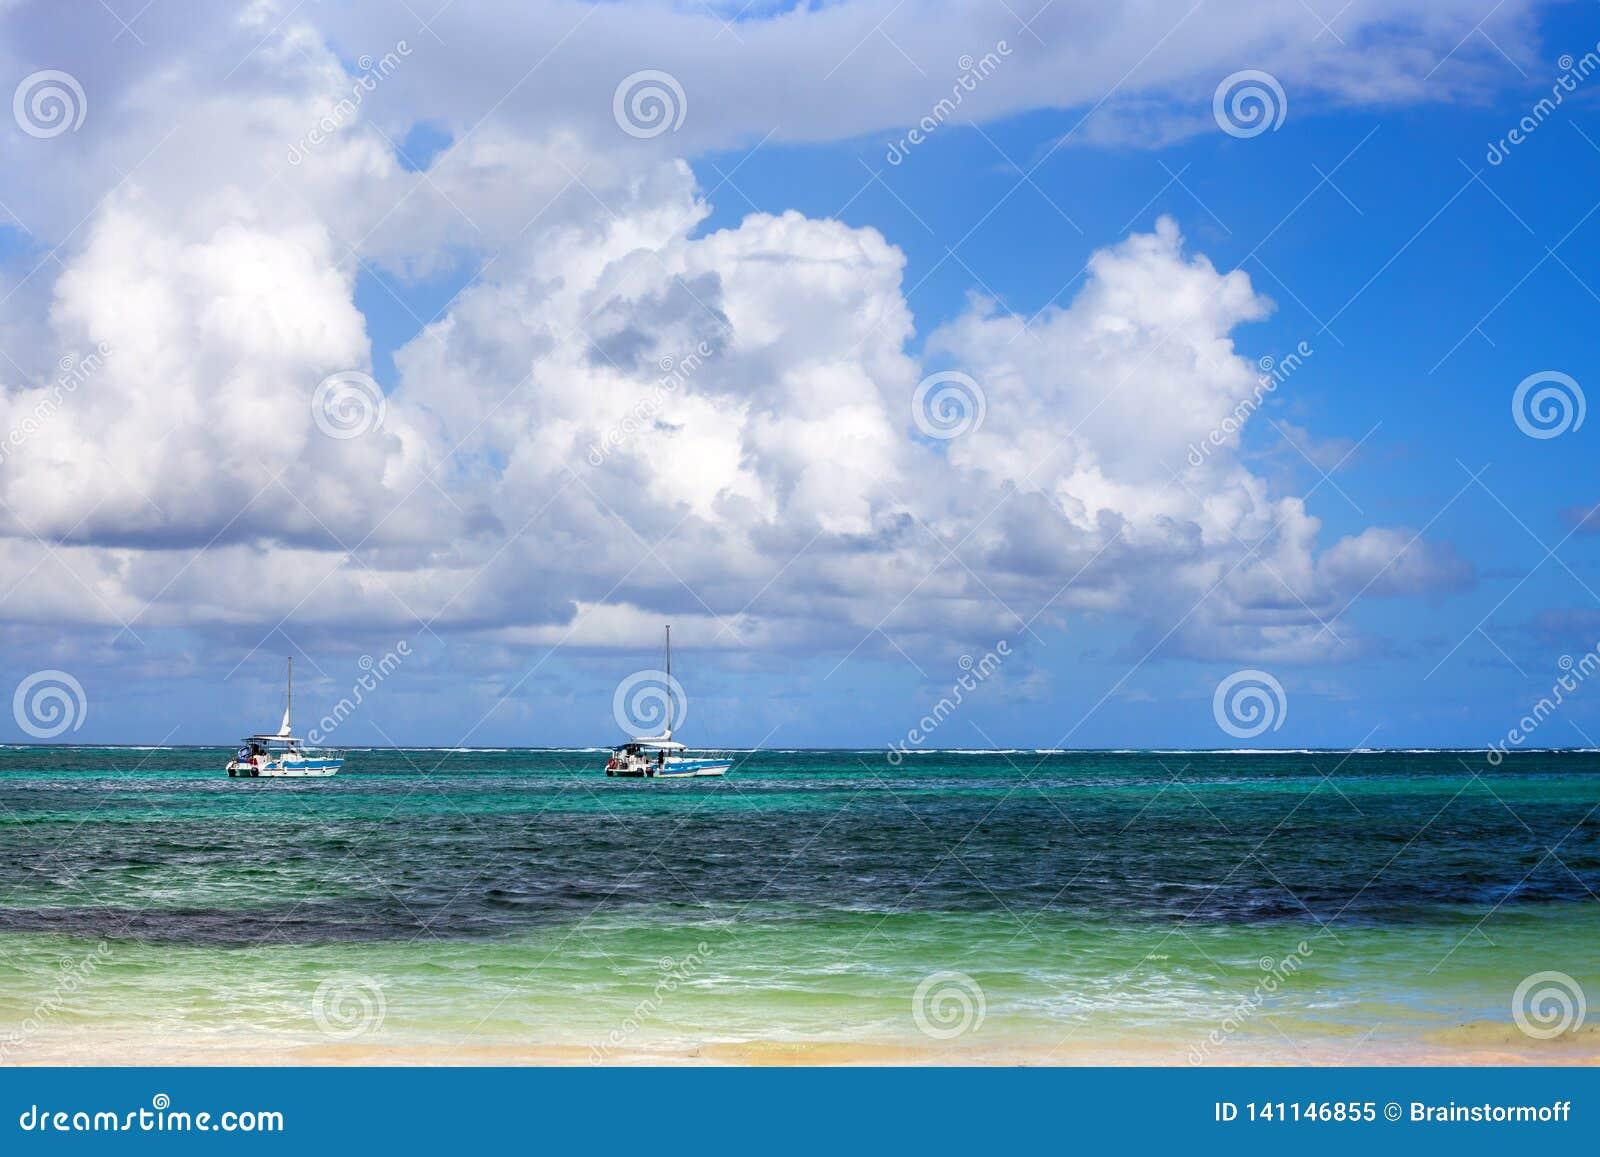 Twee boten op azuurblauwe overzees, Caraïbisch strand, blauwe hemel en grote witte wolkenachtergrond